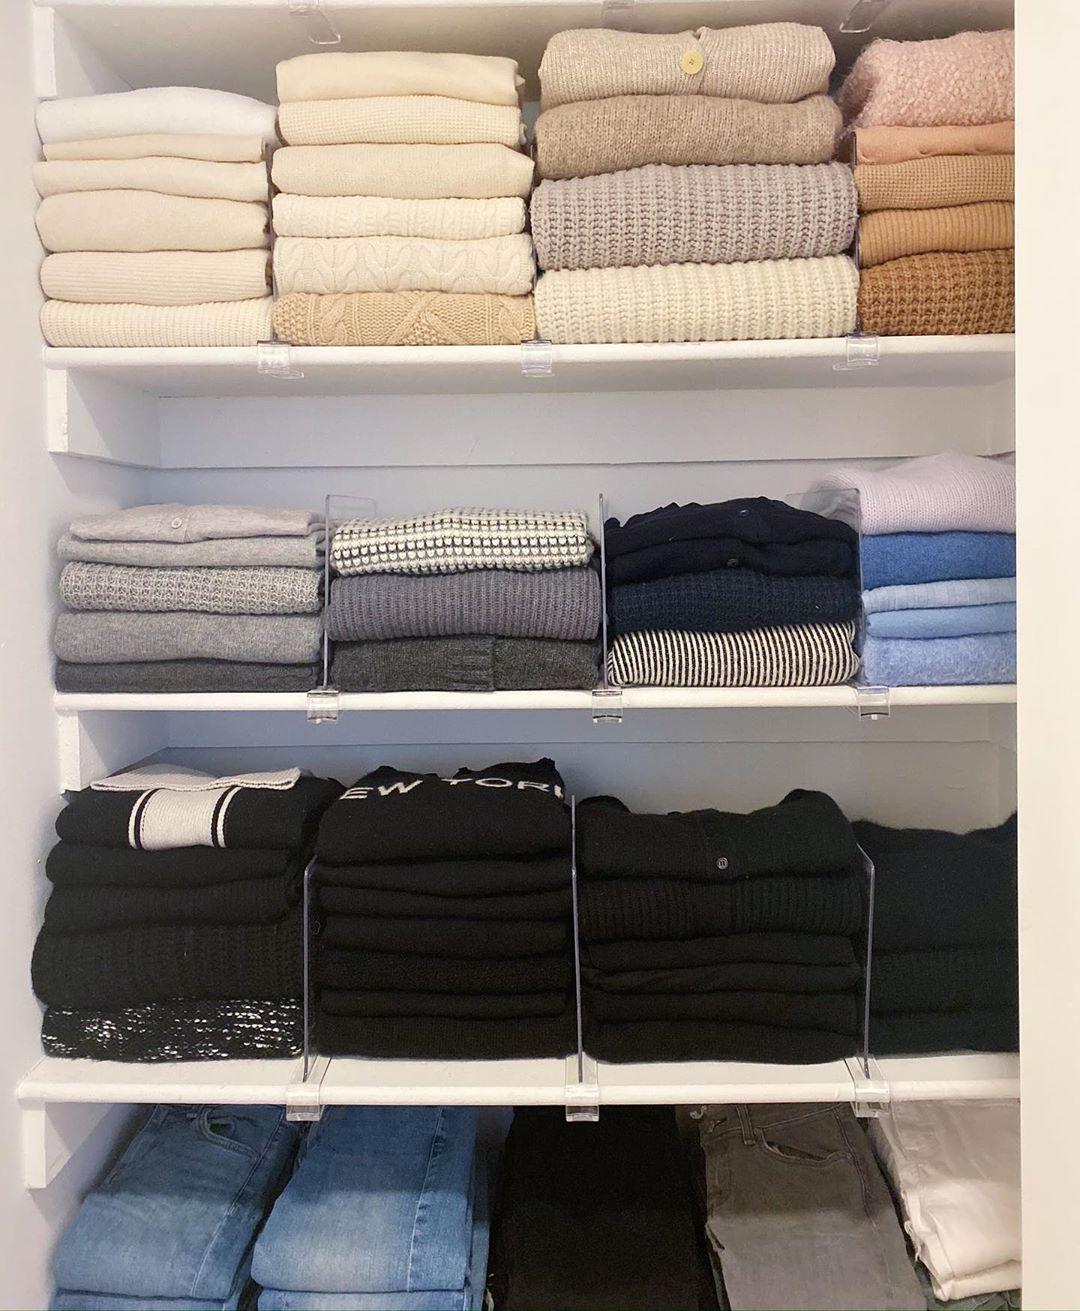 50+ Creative Closet Hacks Every Serious Shopper Should Master